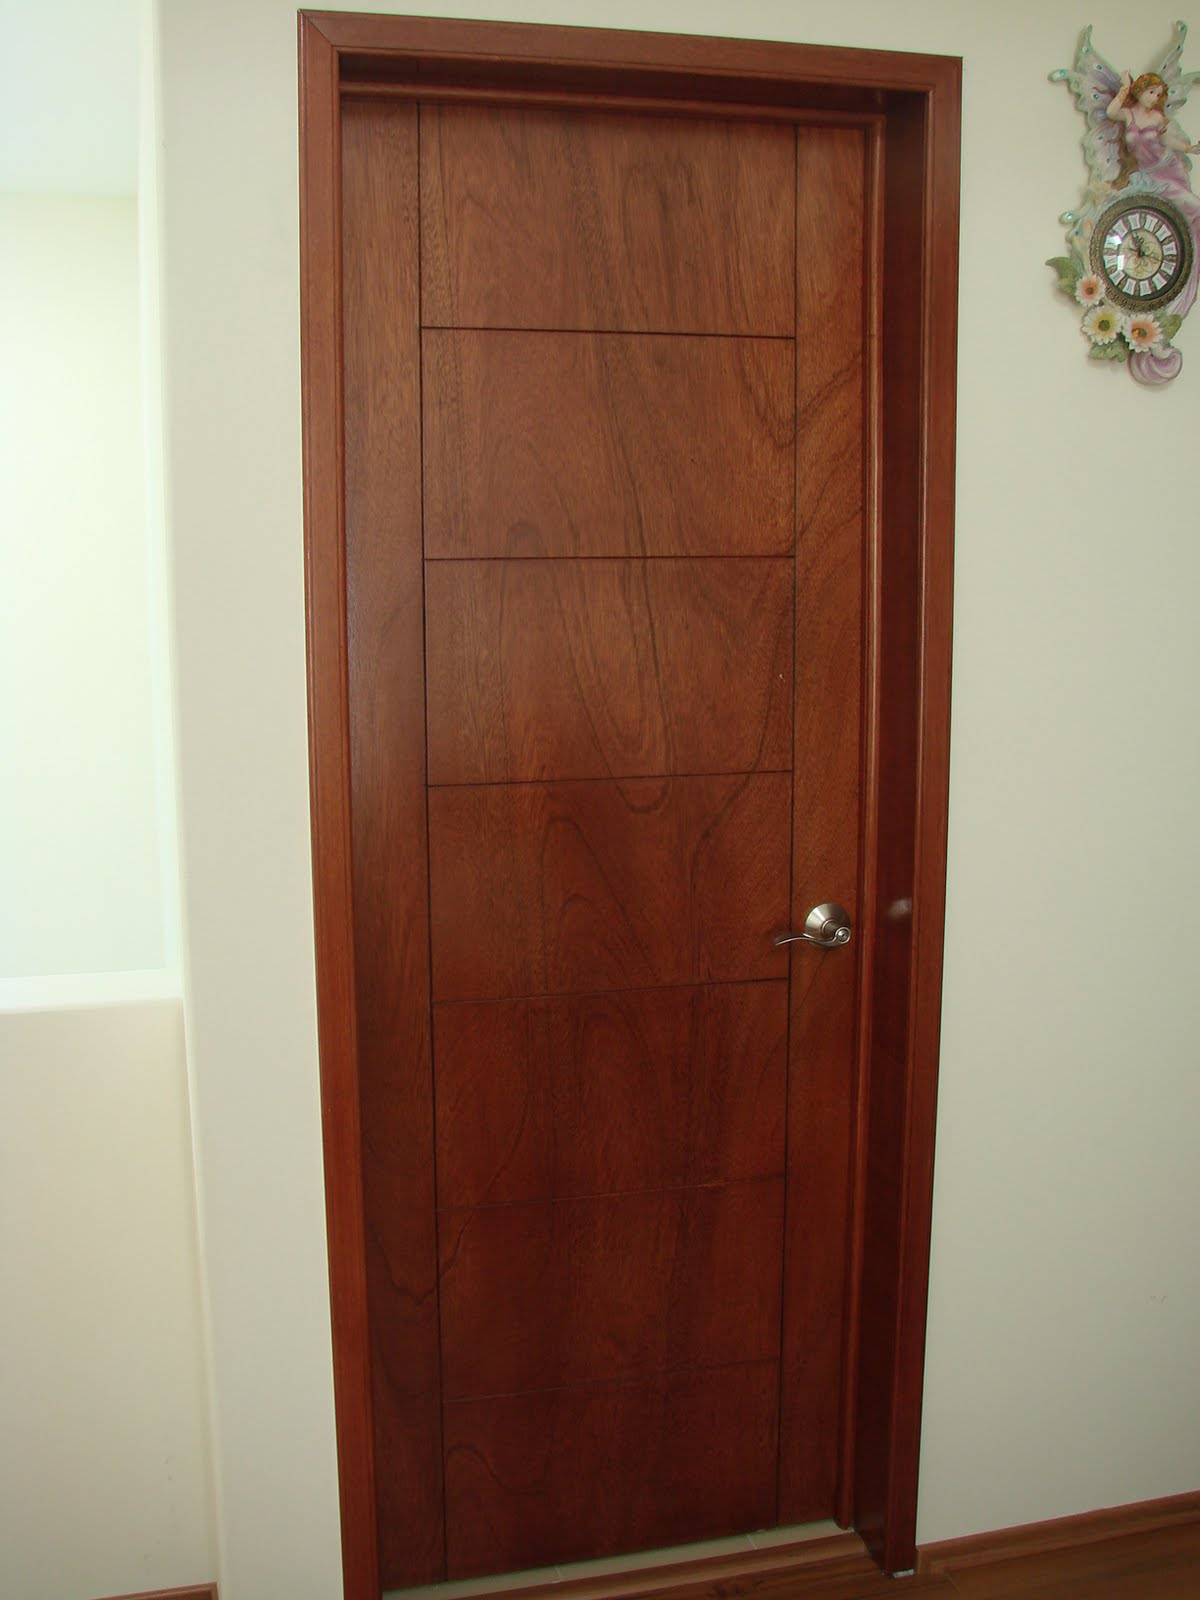 Puertas de aluminio para ba o color madera for Puertas lisas baratas